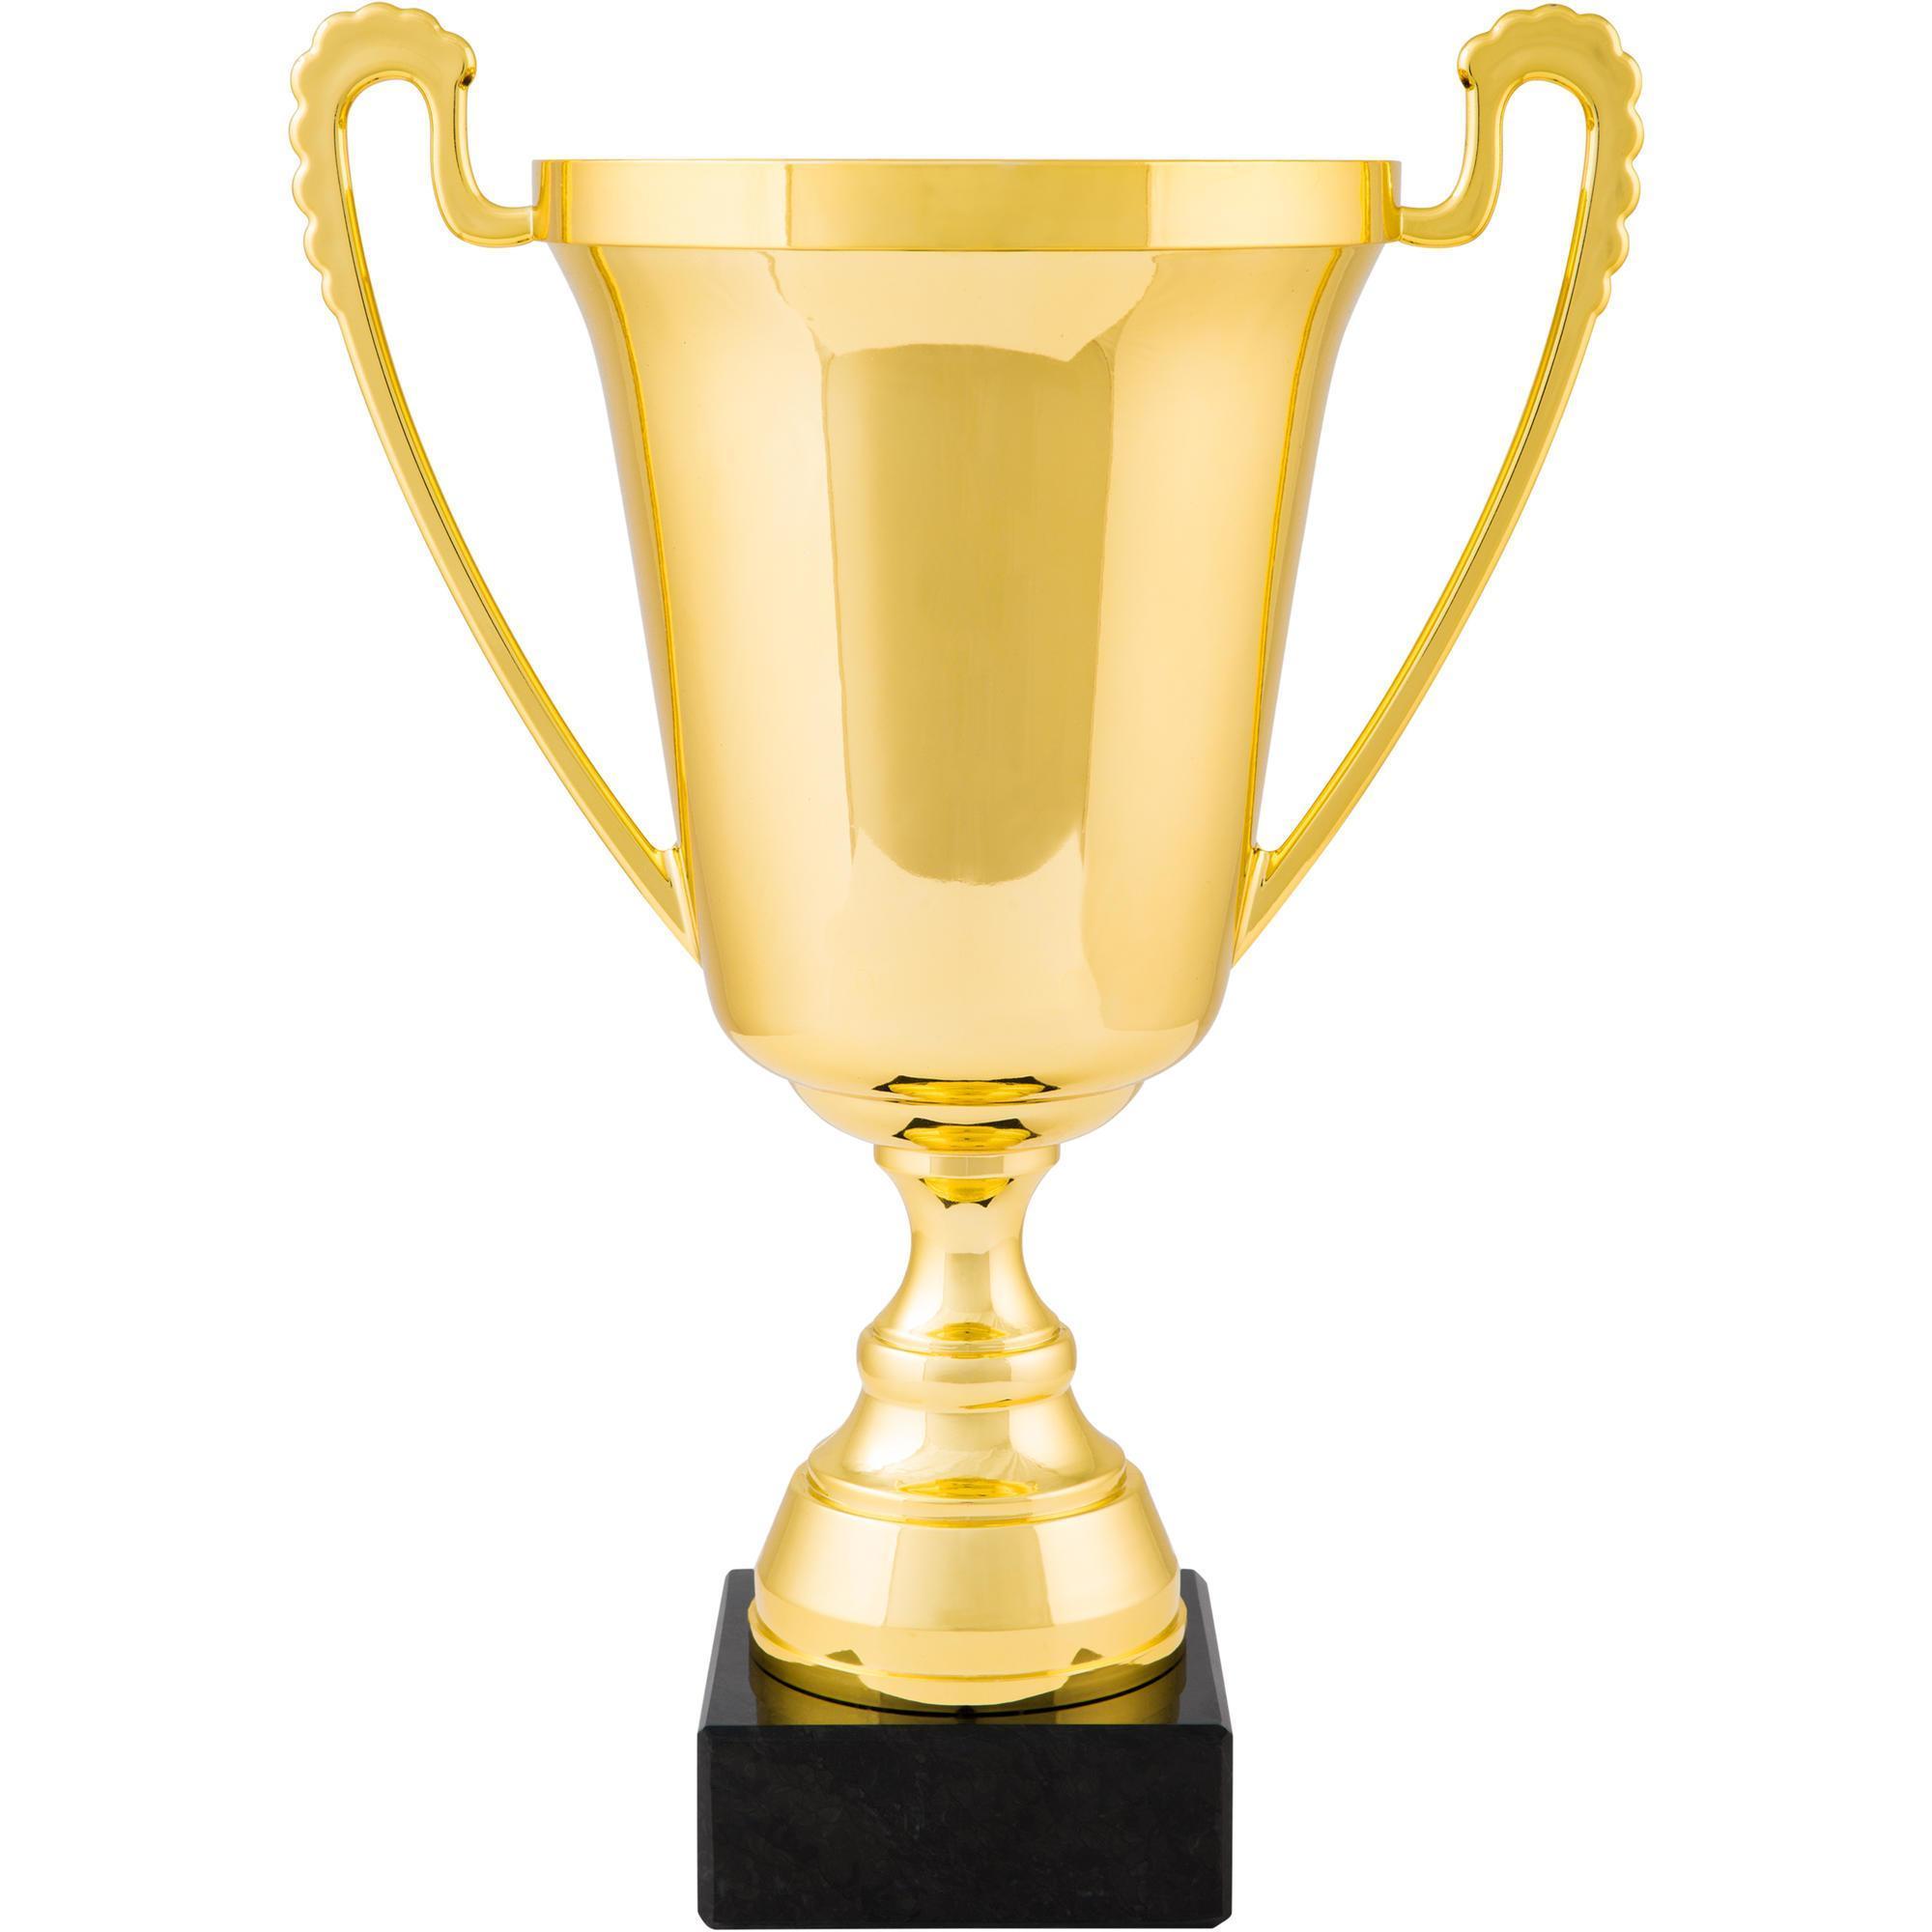 Trofeeën en medailles kopen met voordeel